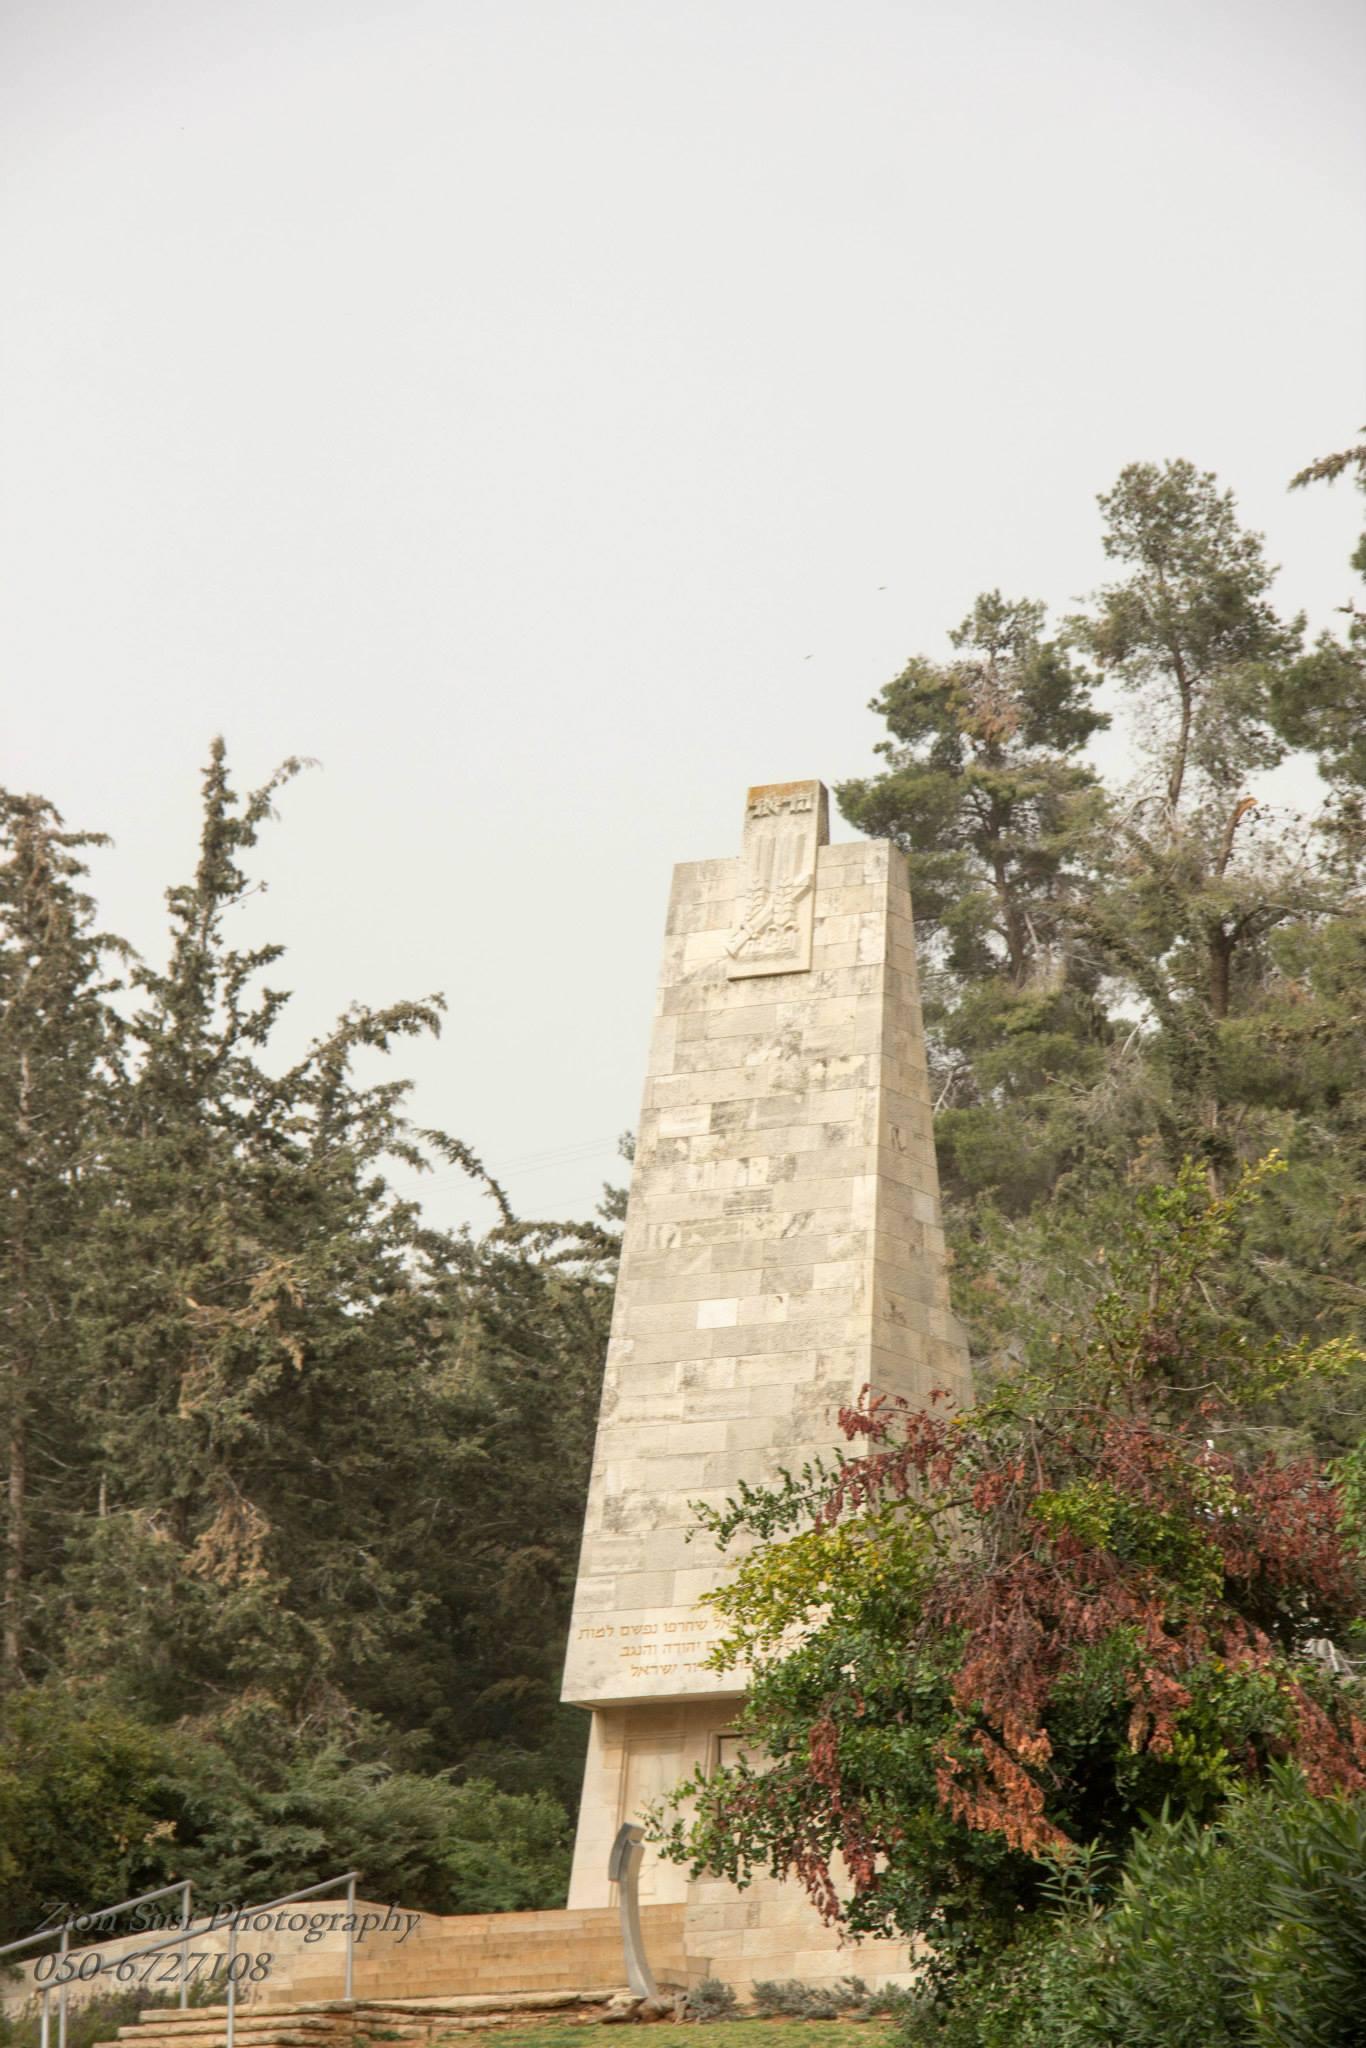 האנדרטה בבית הקברות הצבאי בקריית ענבים.